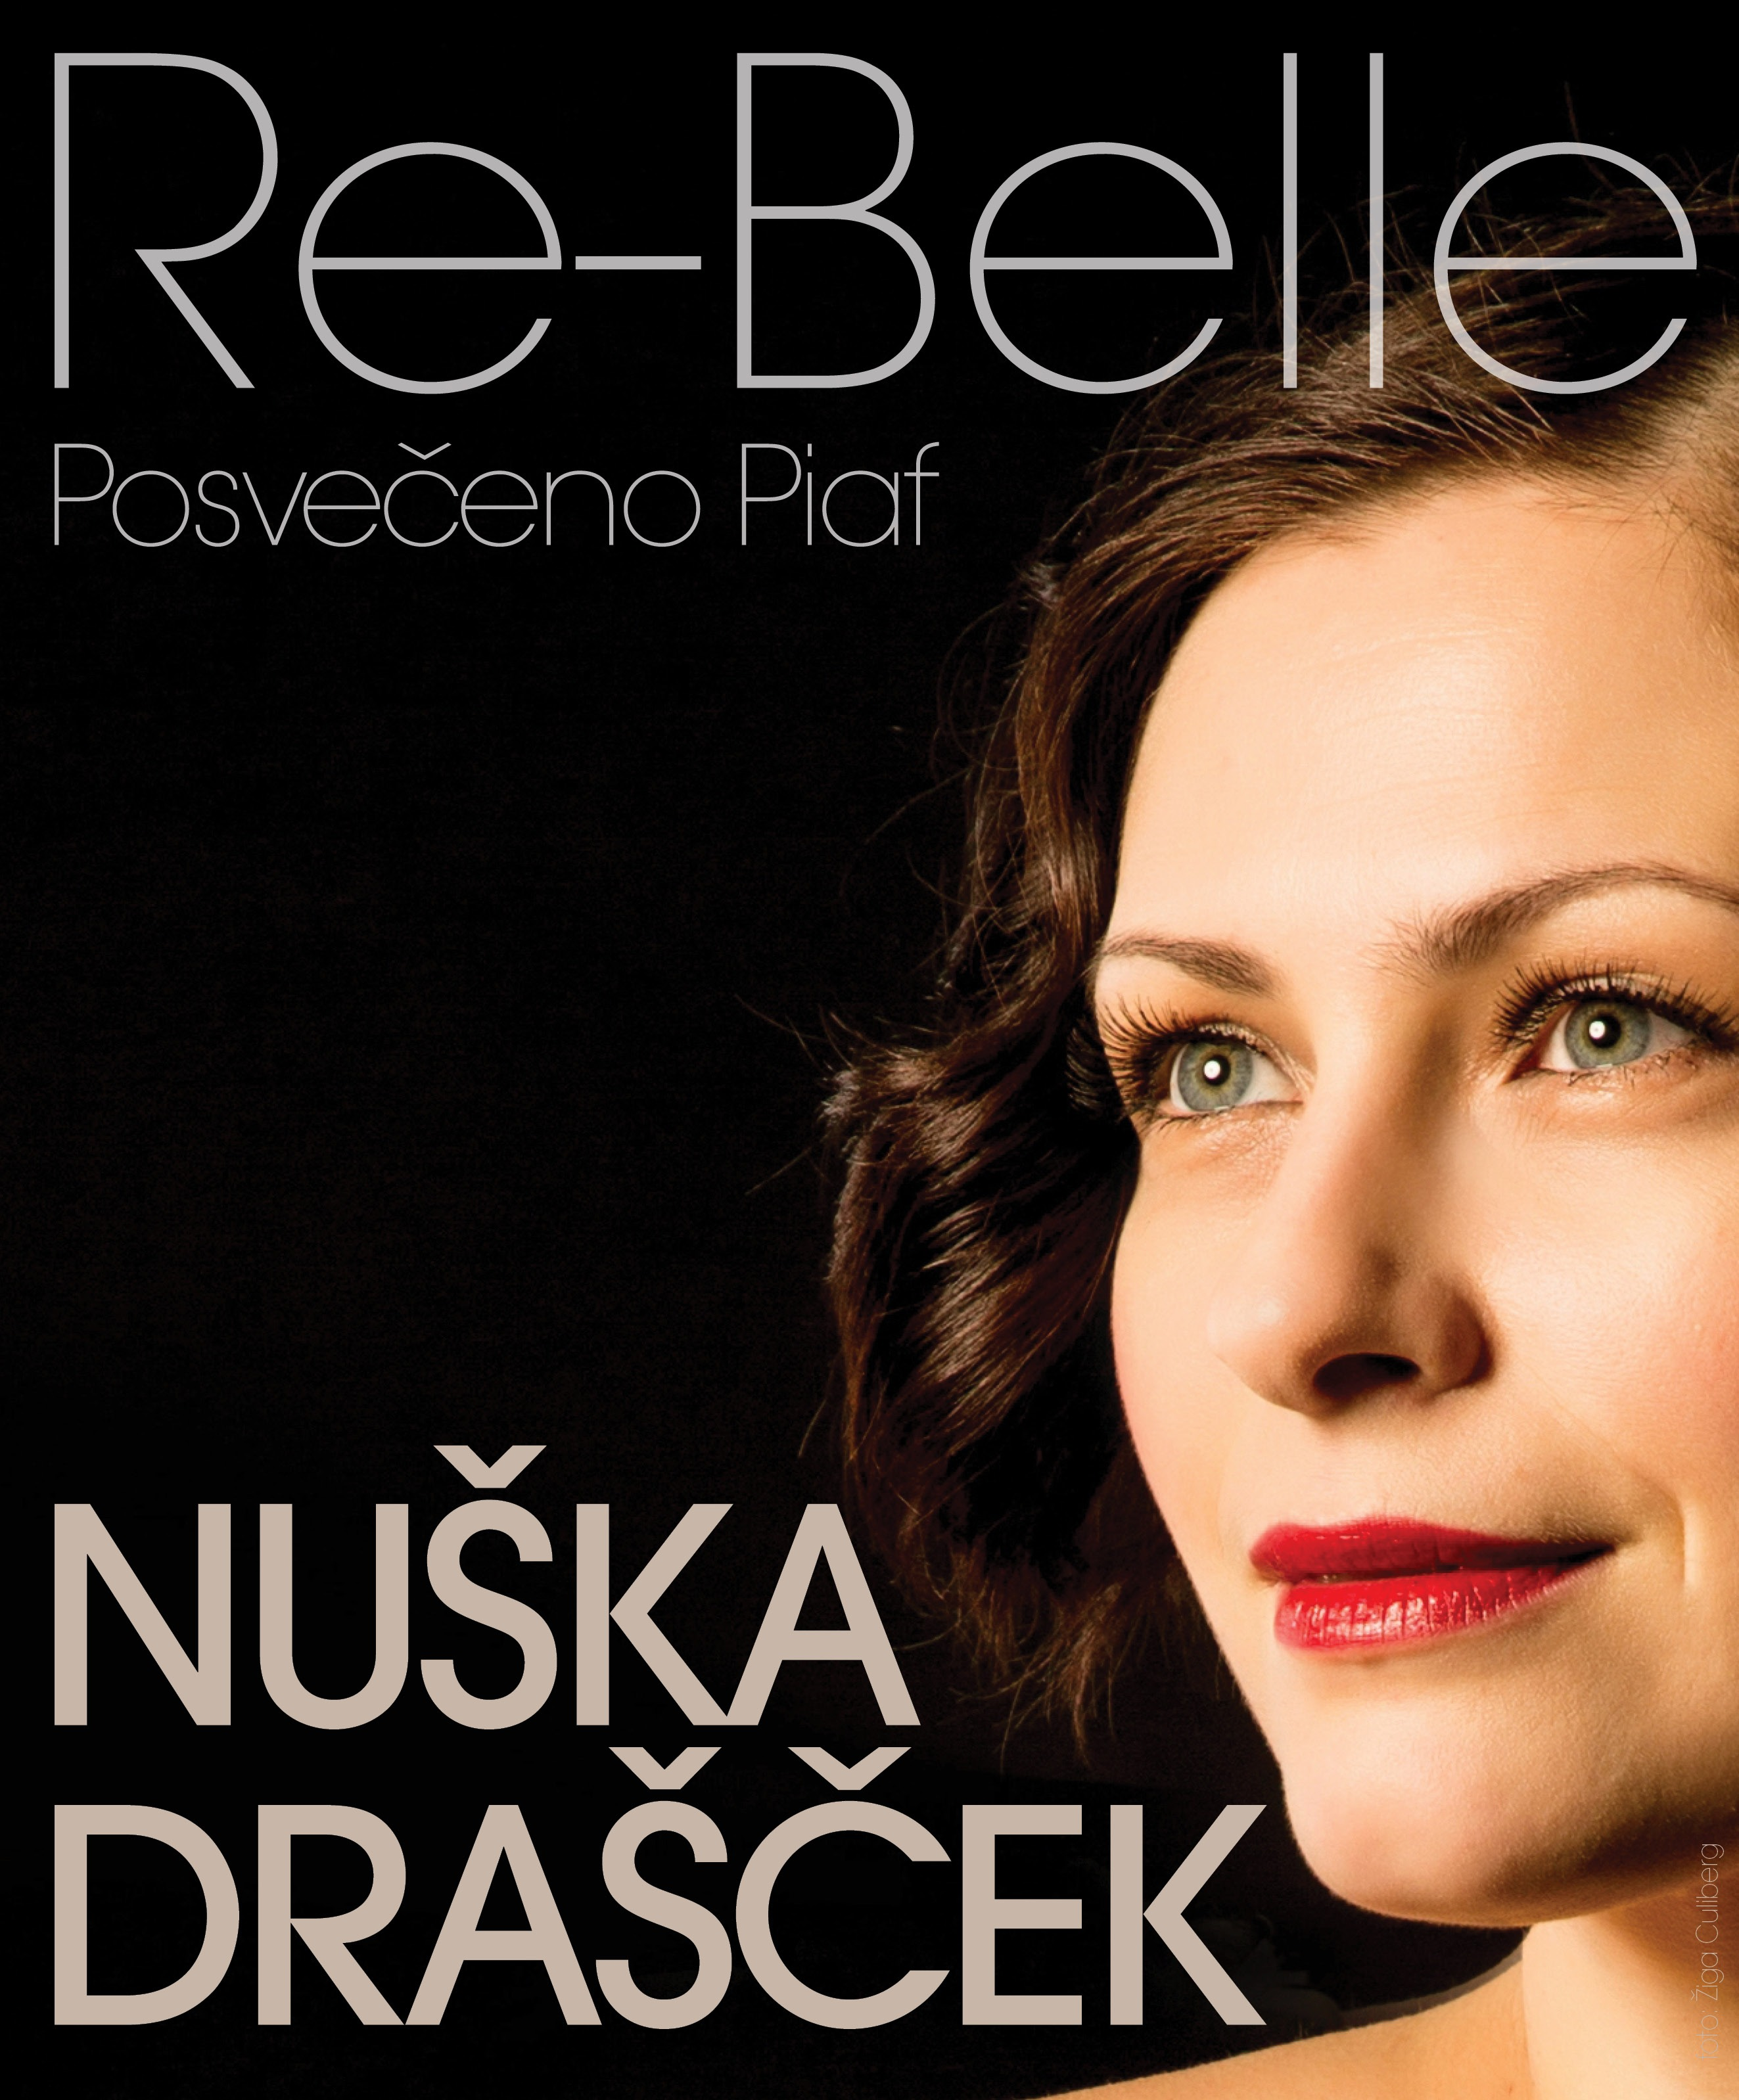 NUŠKA DRAŠČEK: RE-BELLE (posvečeno Piaf)